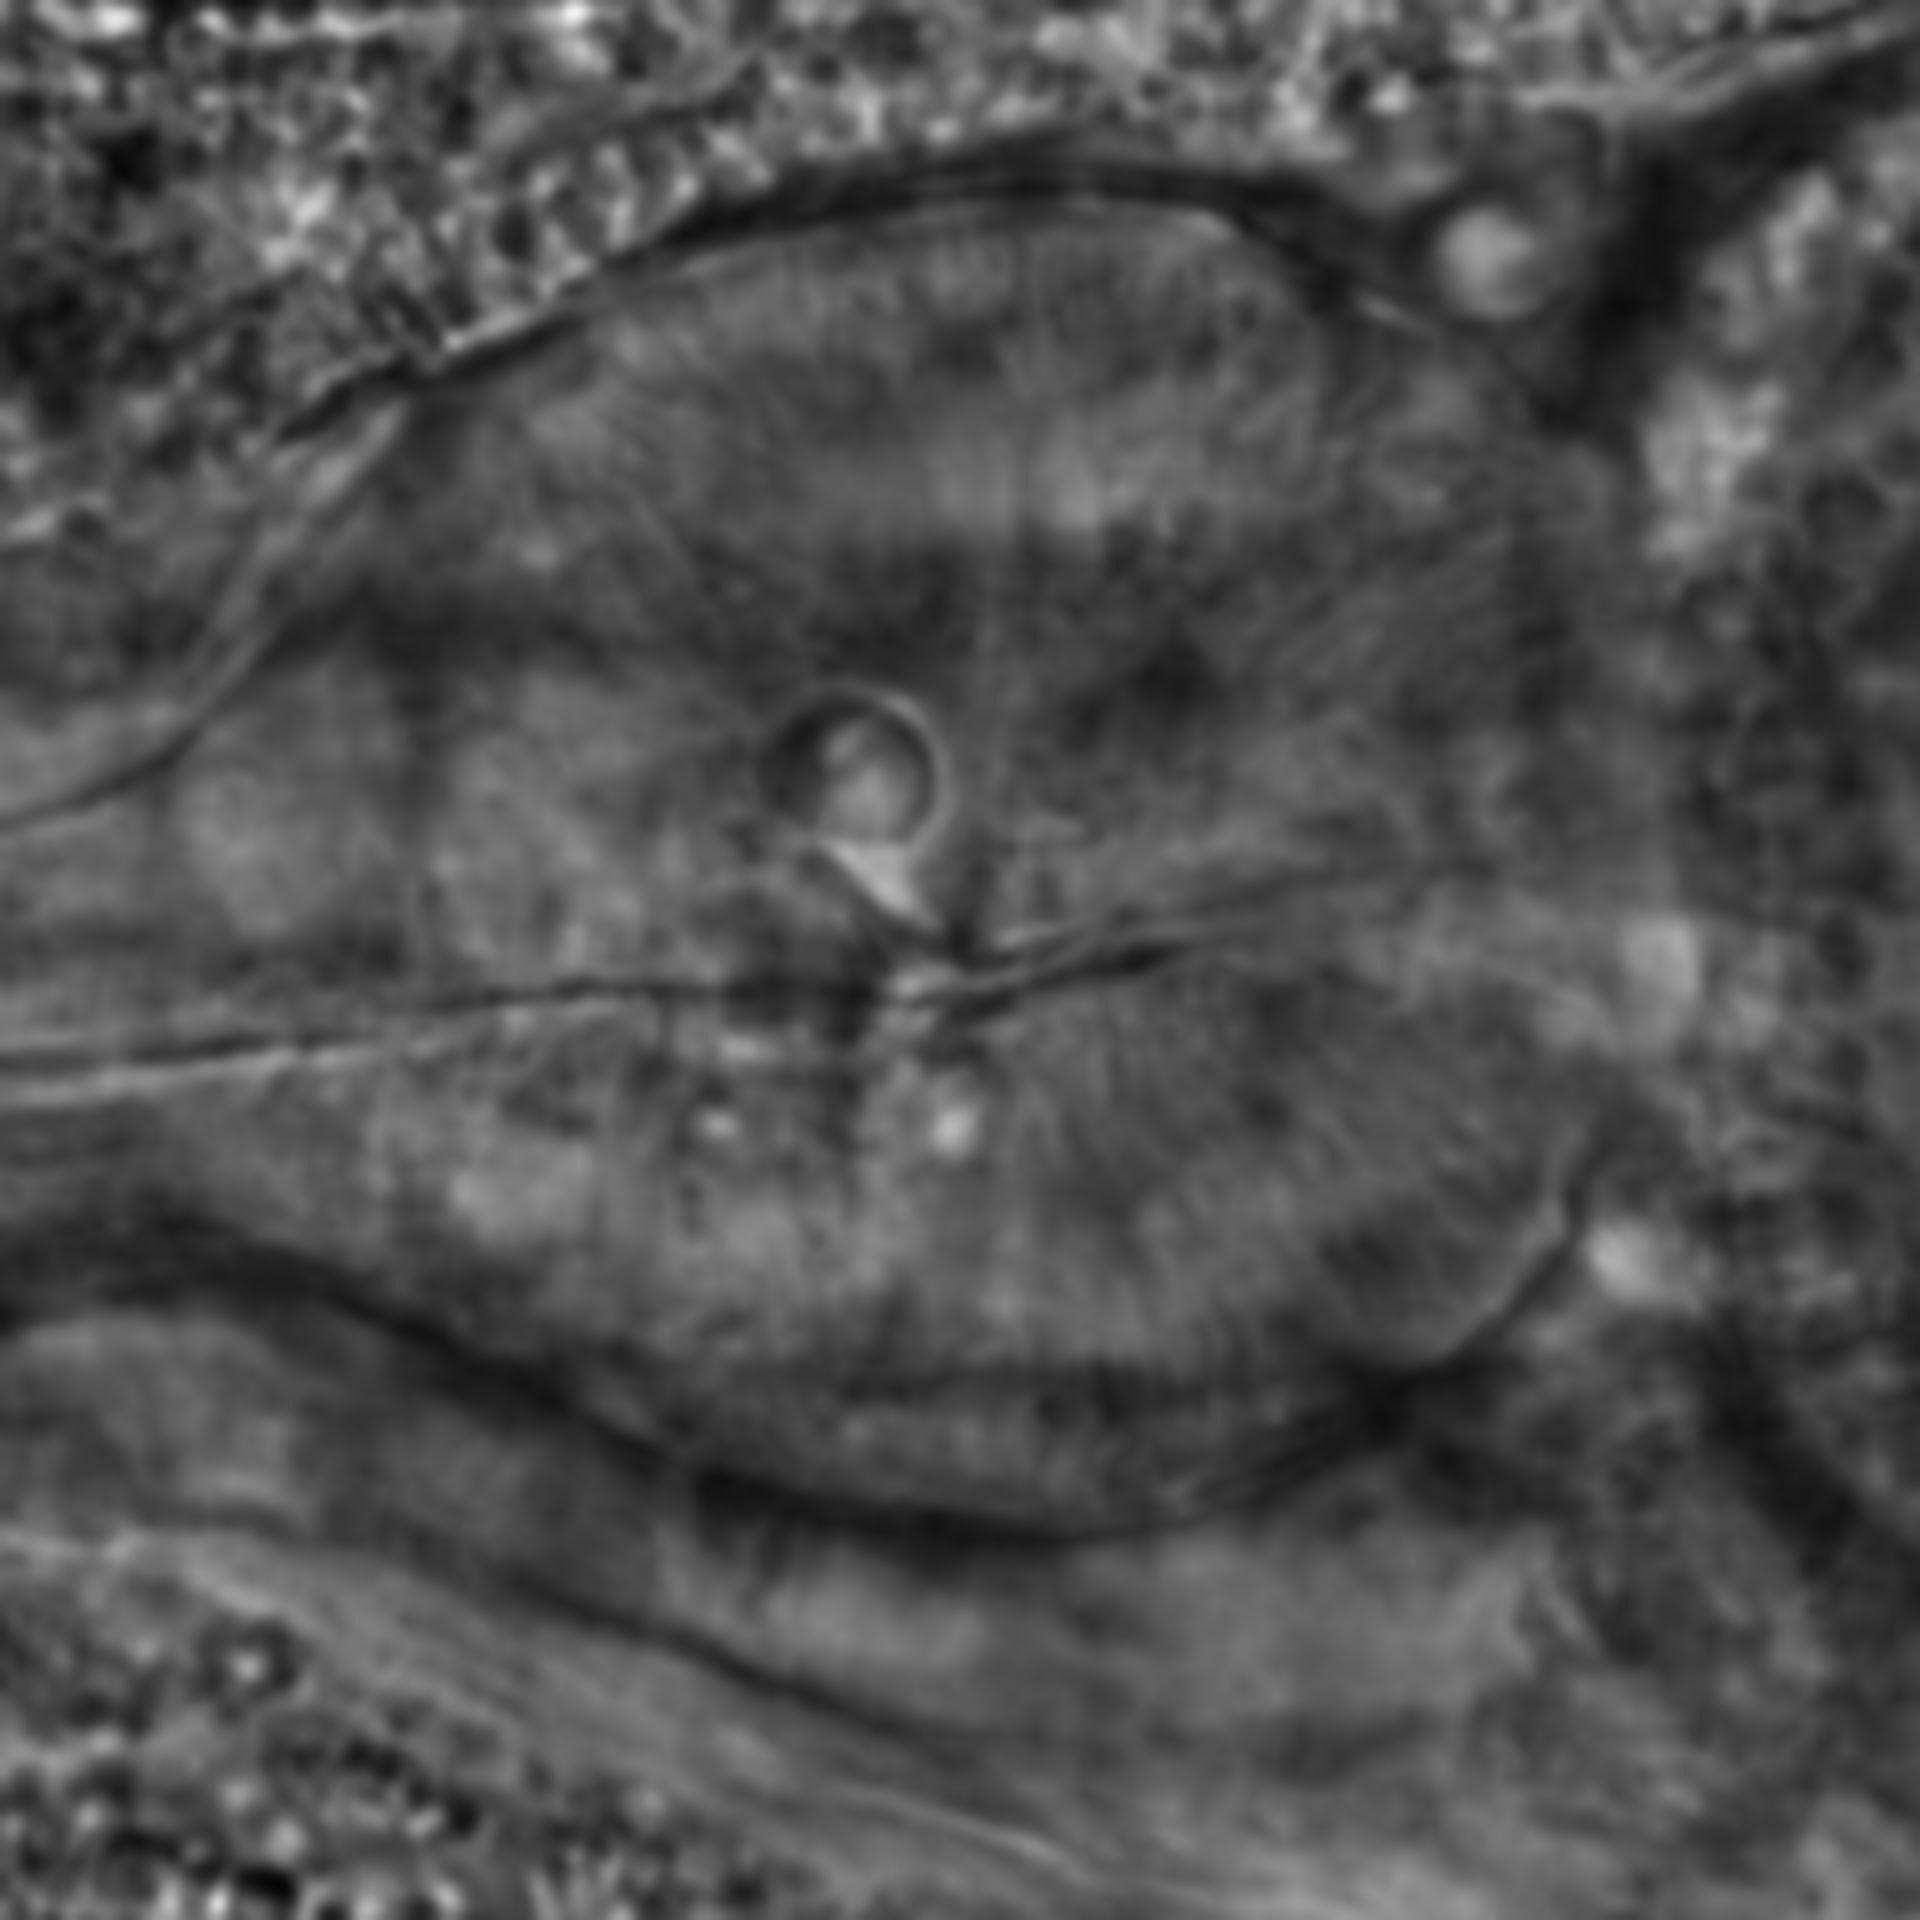 Caenorhabditis elegans - CIL:1994